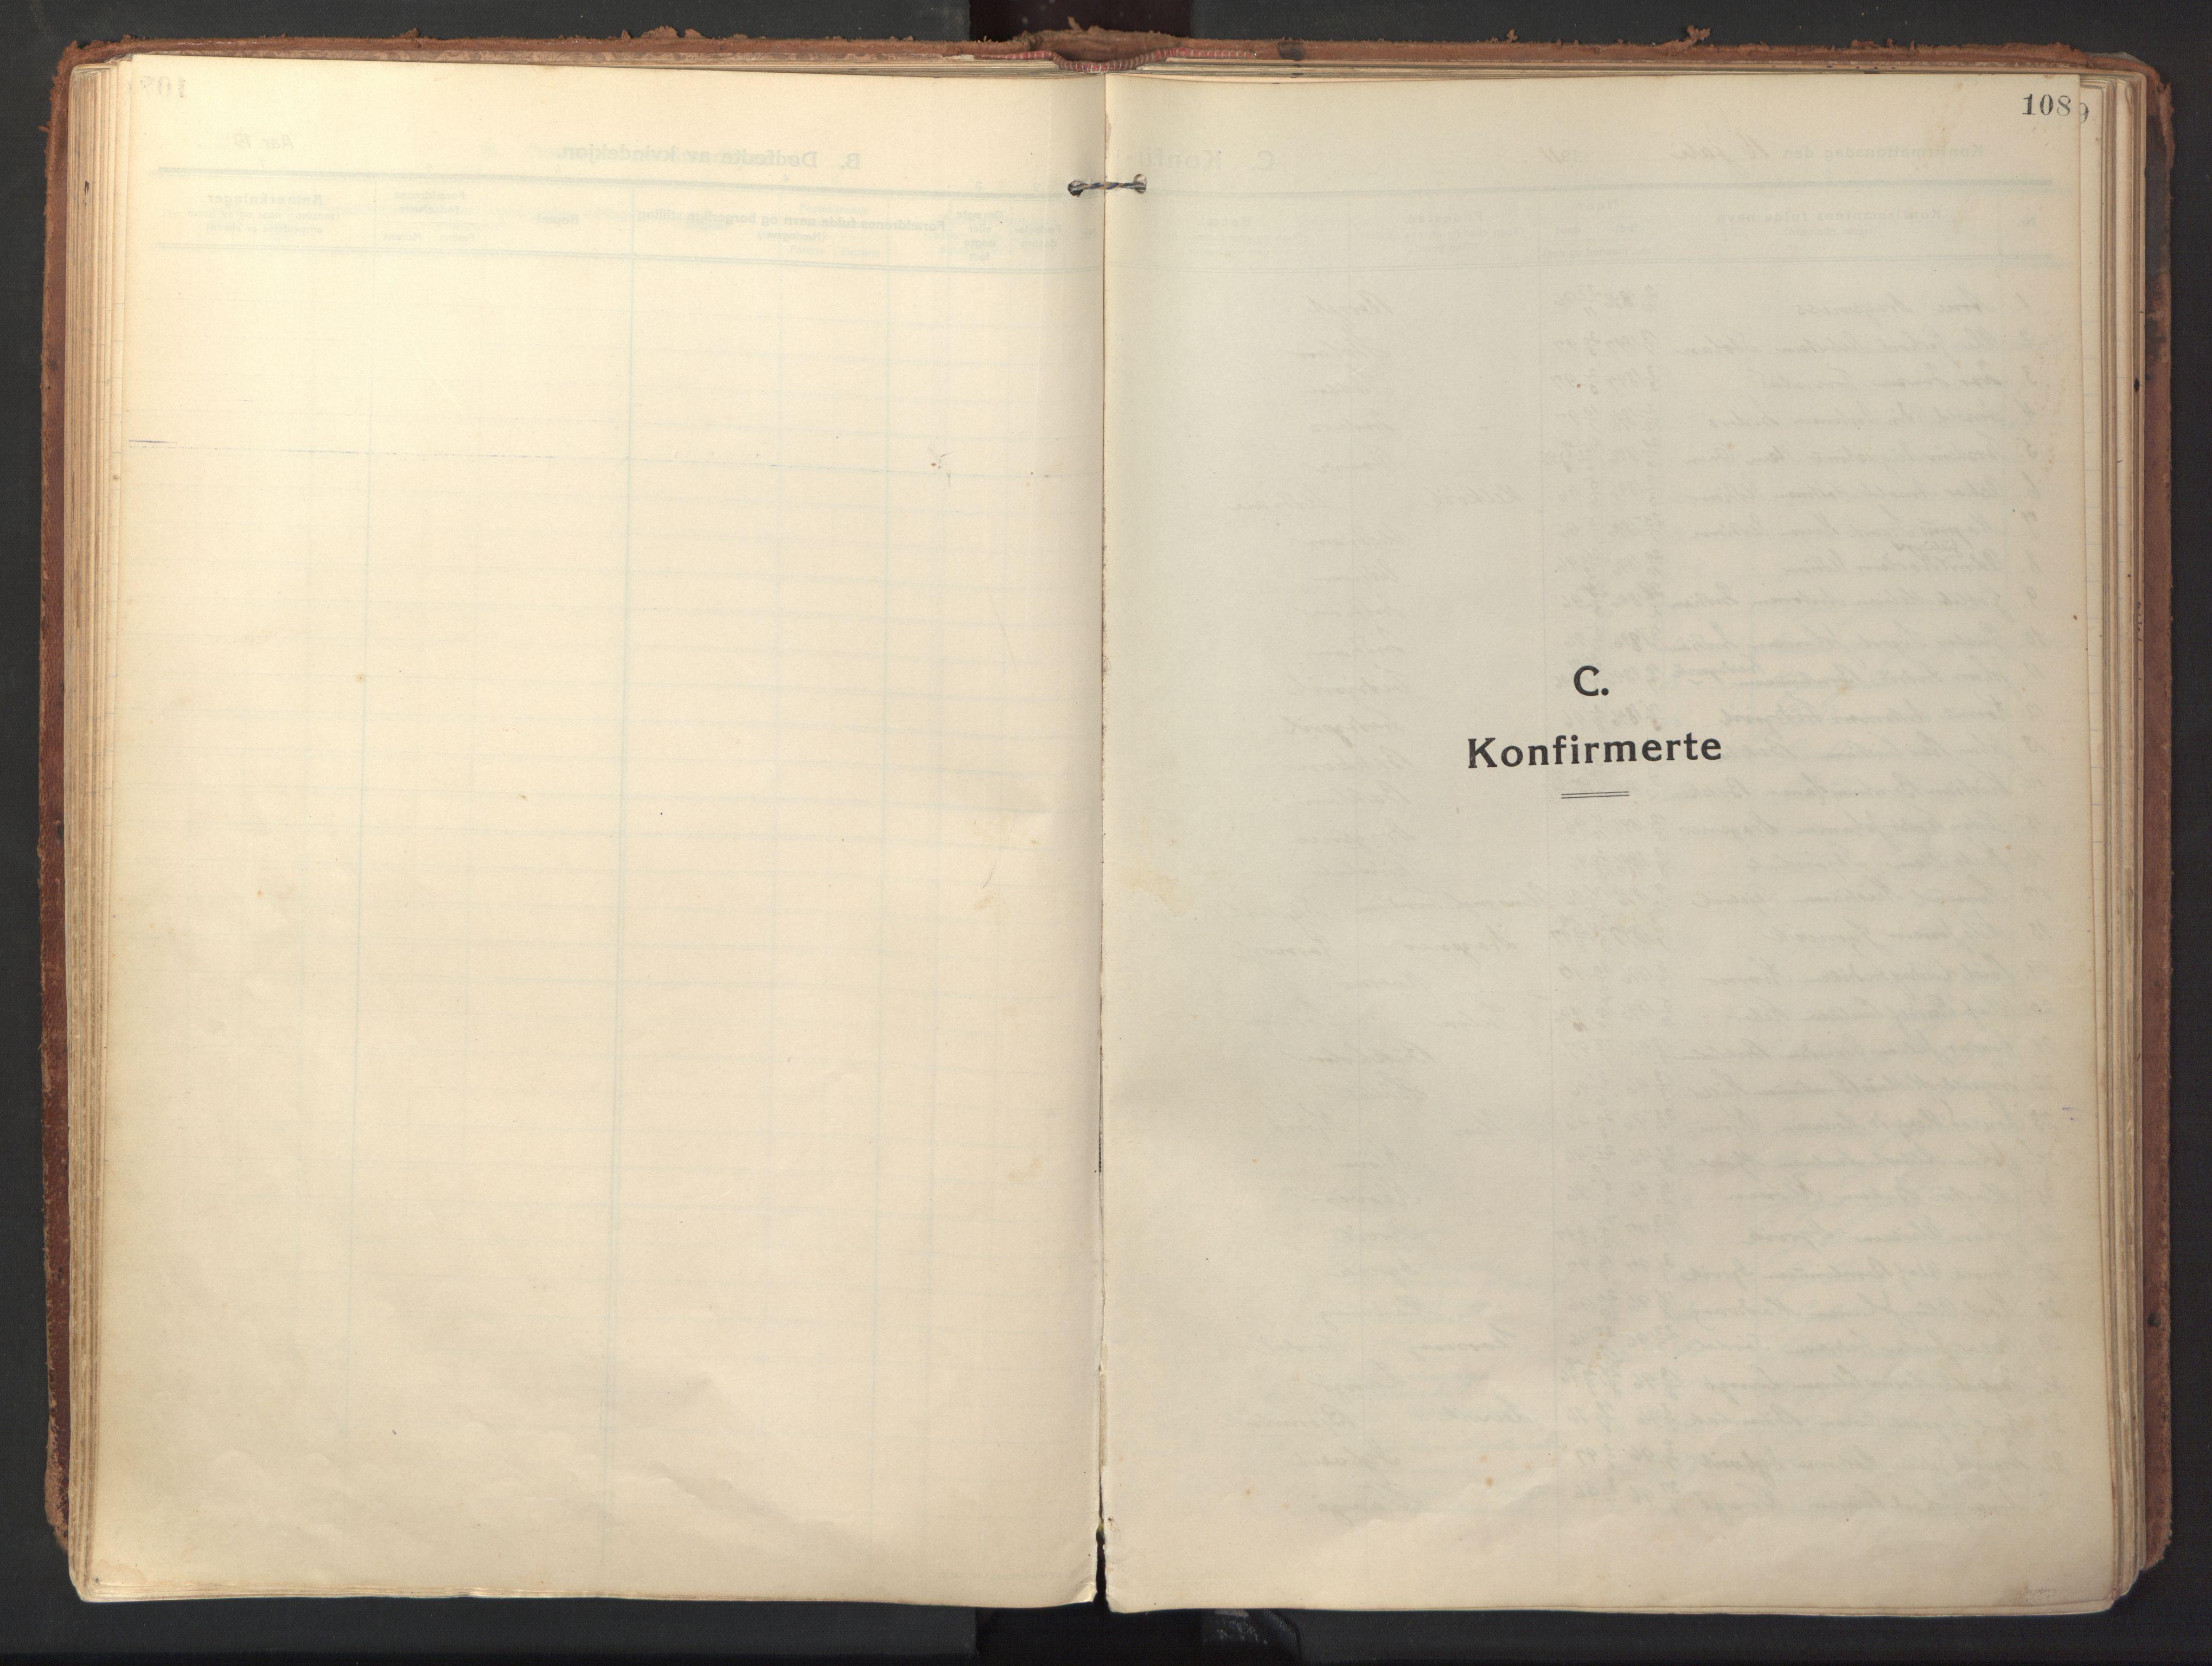 SAT, Ministerialprotokoller, klokkerbøker og fødselsregistre - Sør-Trøndelag, 640/L0581: Ministerialbok nr. 640A06, 1910-1924, s. 108